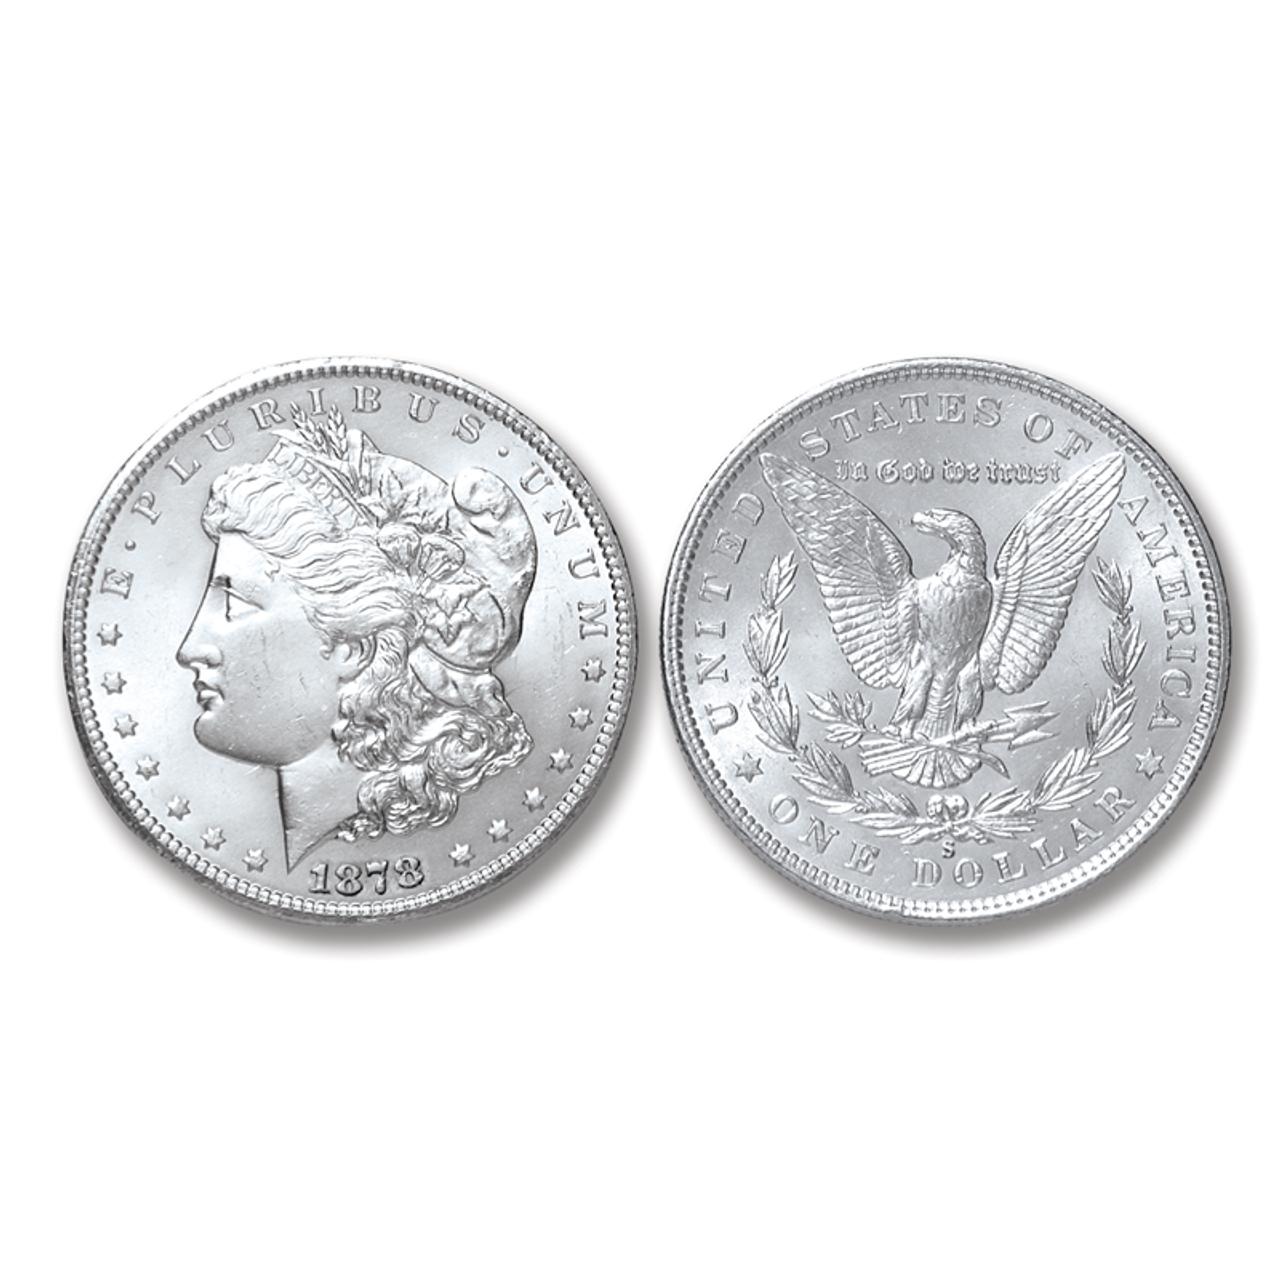 1878-S Morgan Silver Dollar - Brilliant Uncirculated Condition